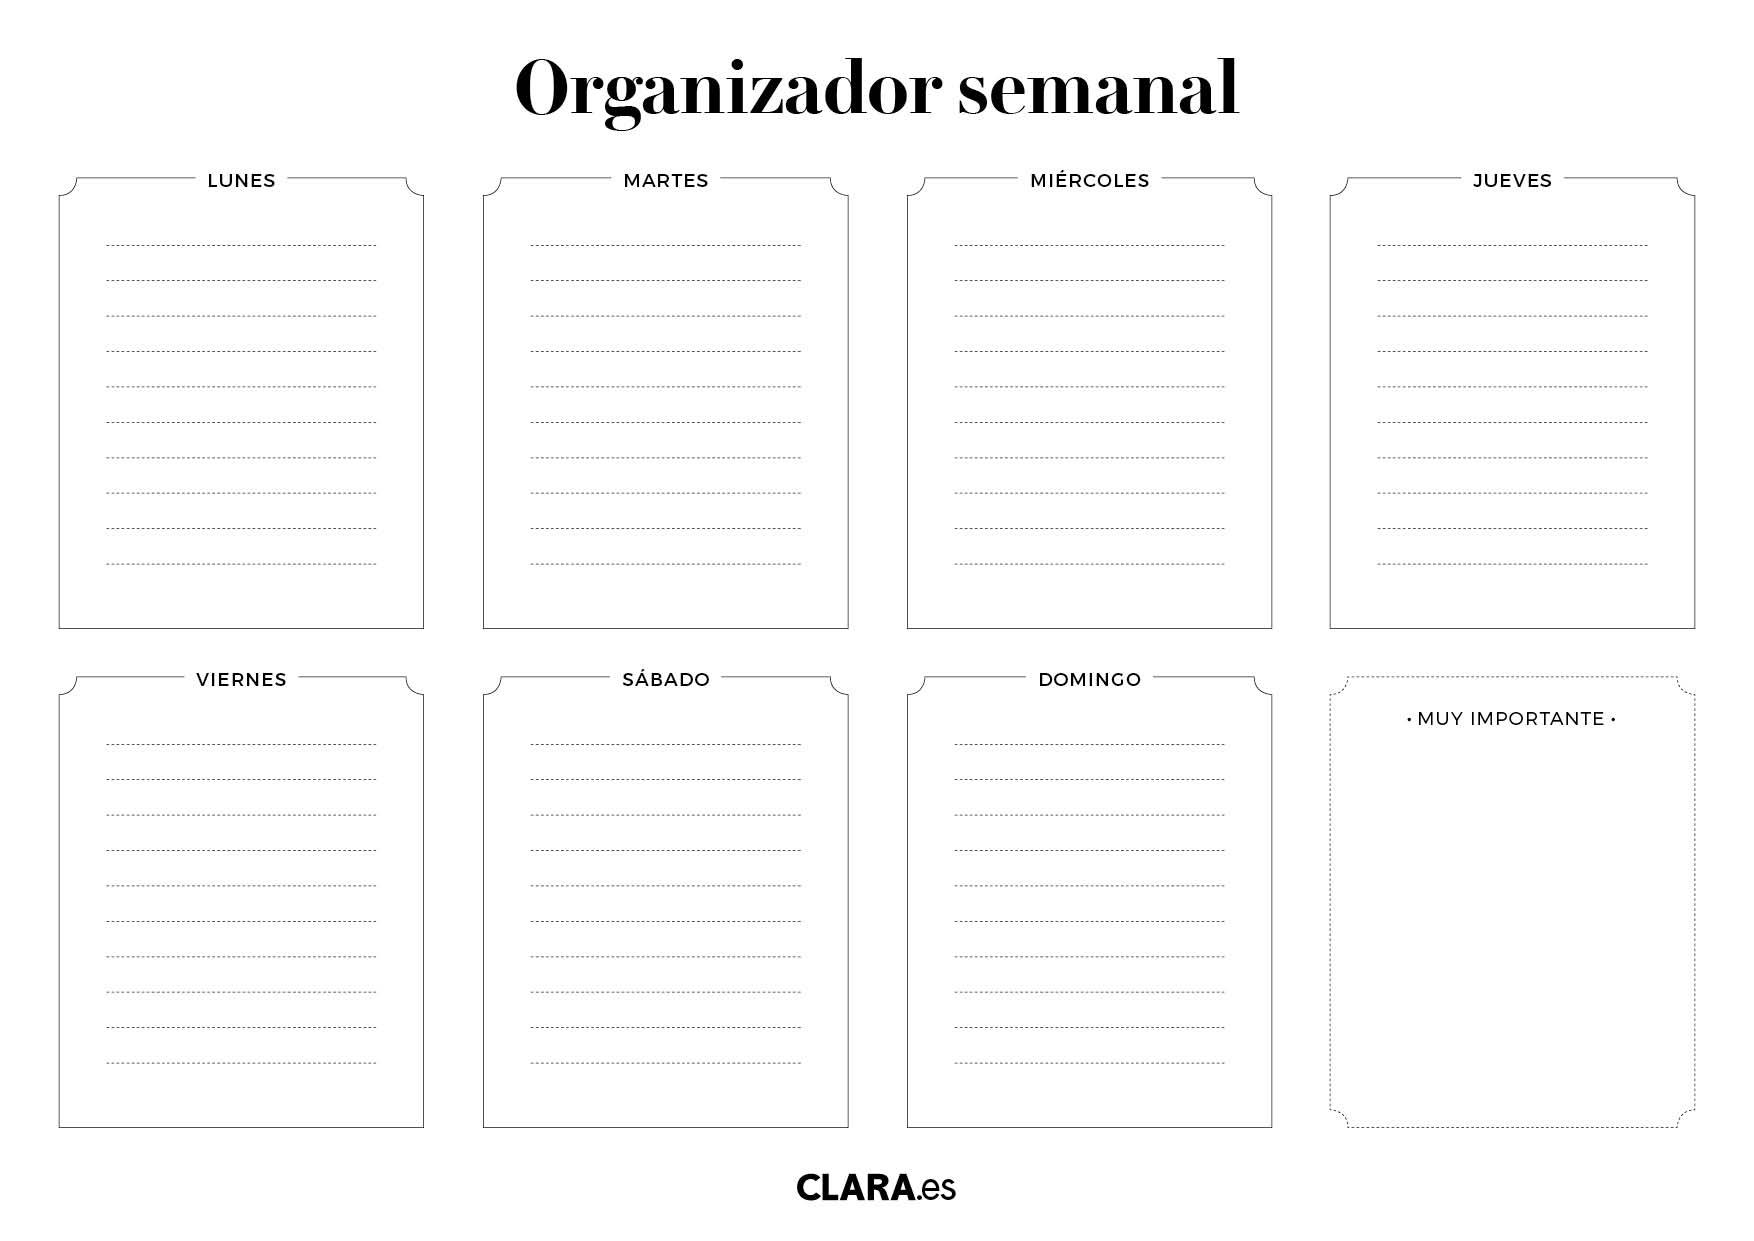 Calendario Diario Para Imprimir 2019.Planificador Y Organizador Semanal Gratis Para Imprimir